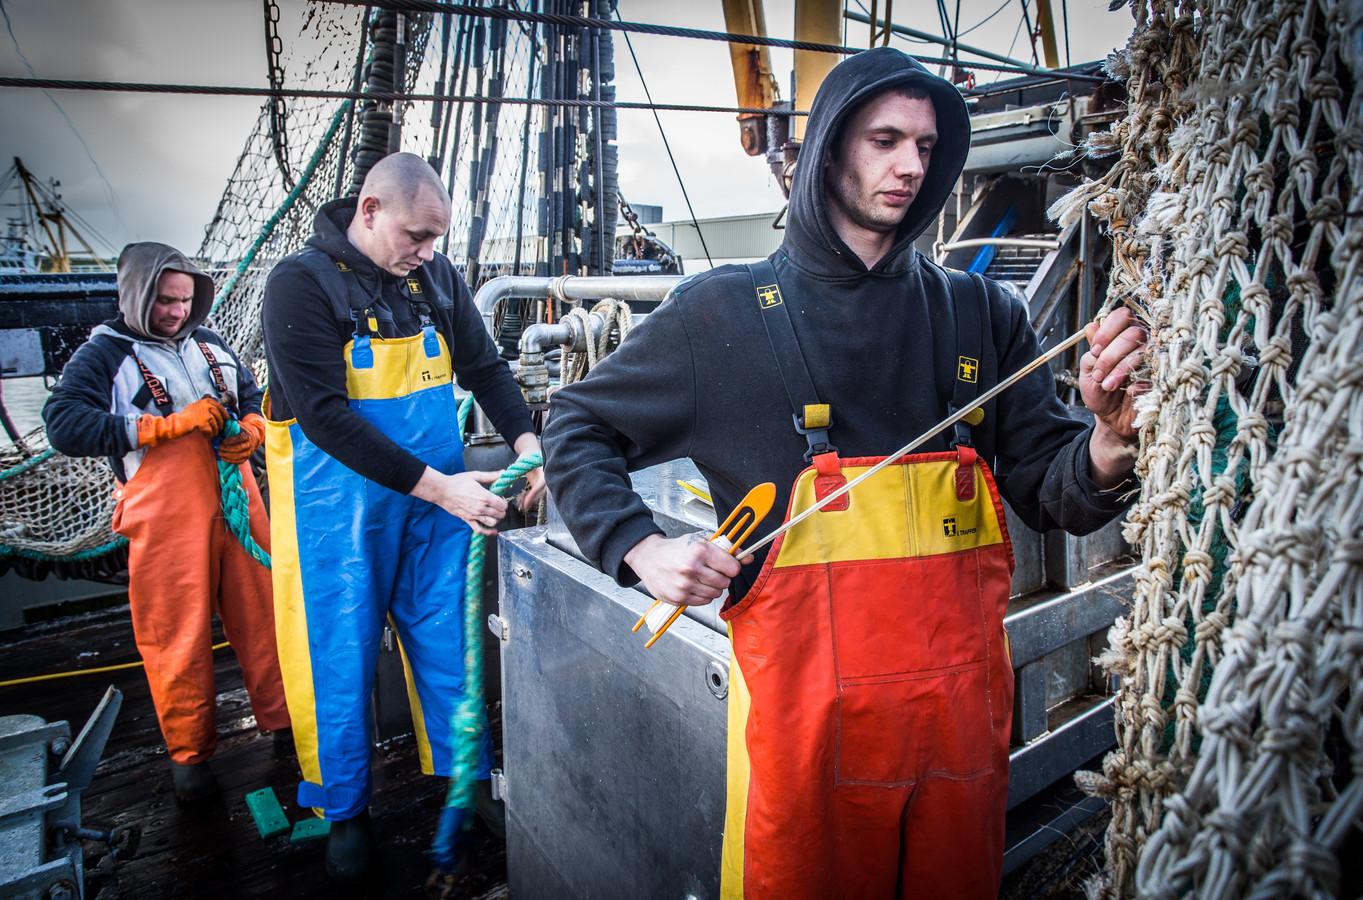 Veel vissers op Goeree-Overflakkee moeten stoppen met pulsvissen. Daar zijn ze niet zo blij mee.